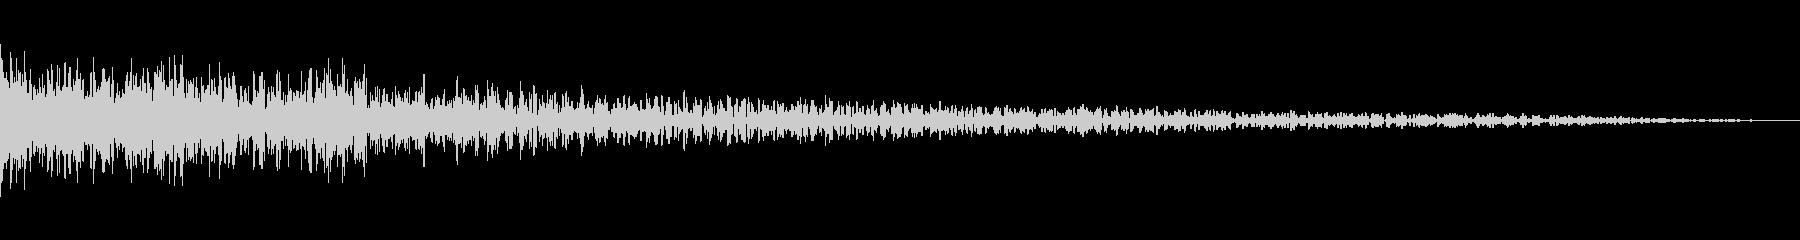 砕け散る音04の未再生の波形